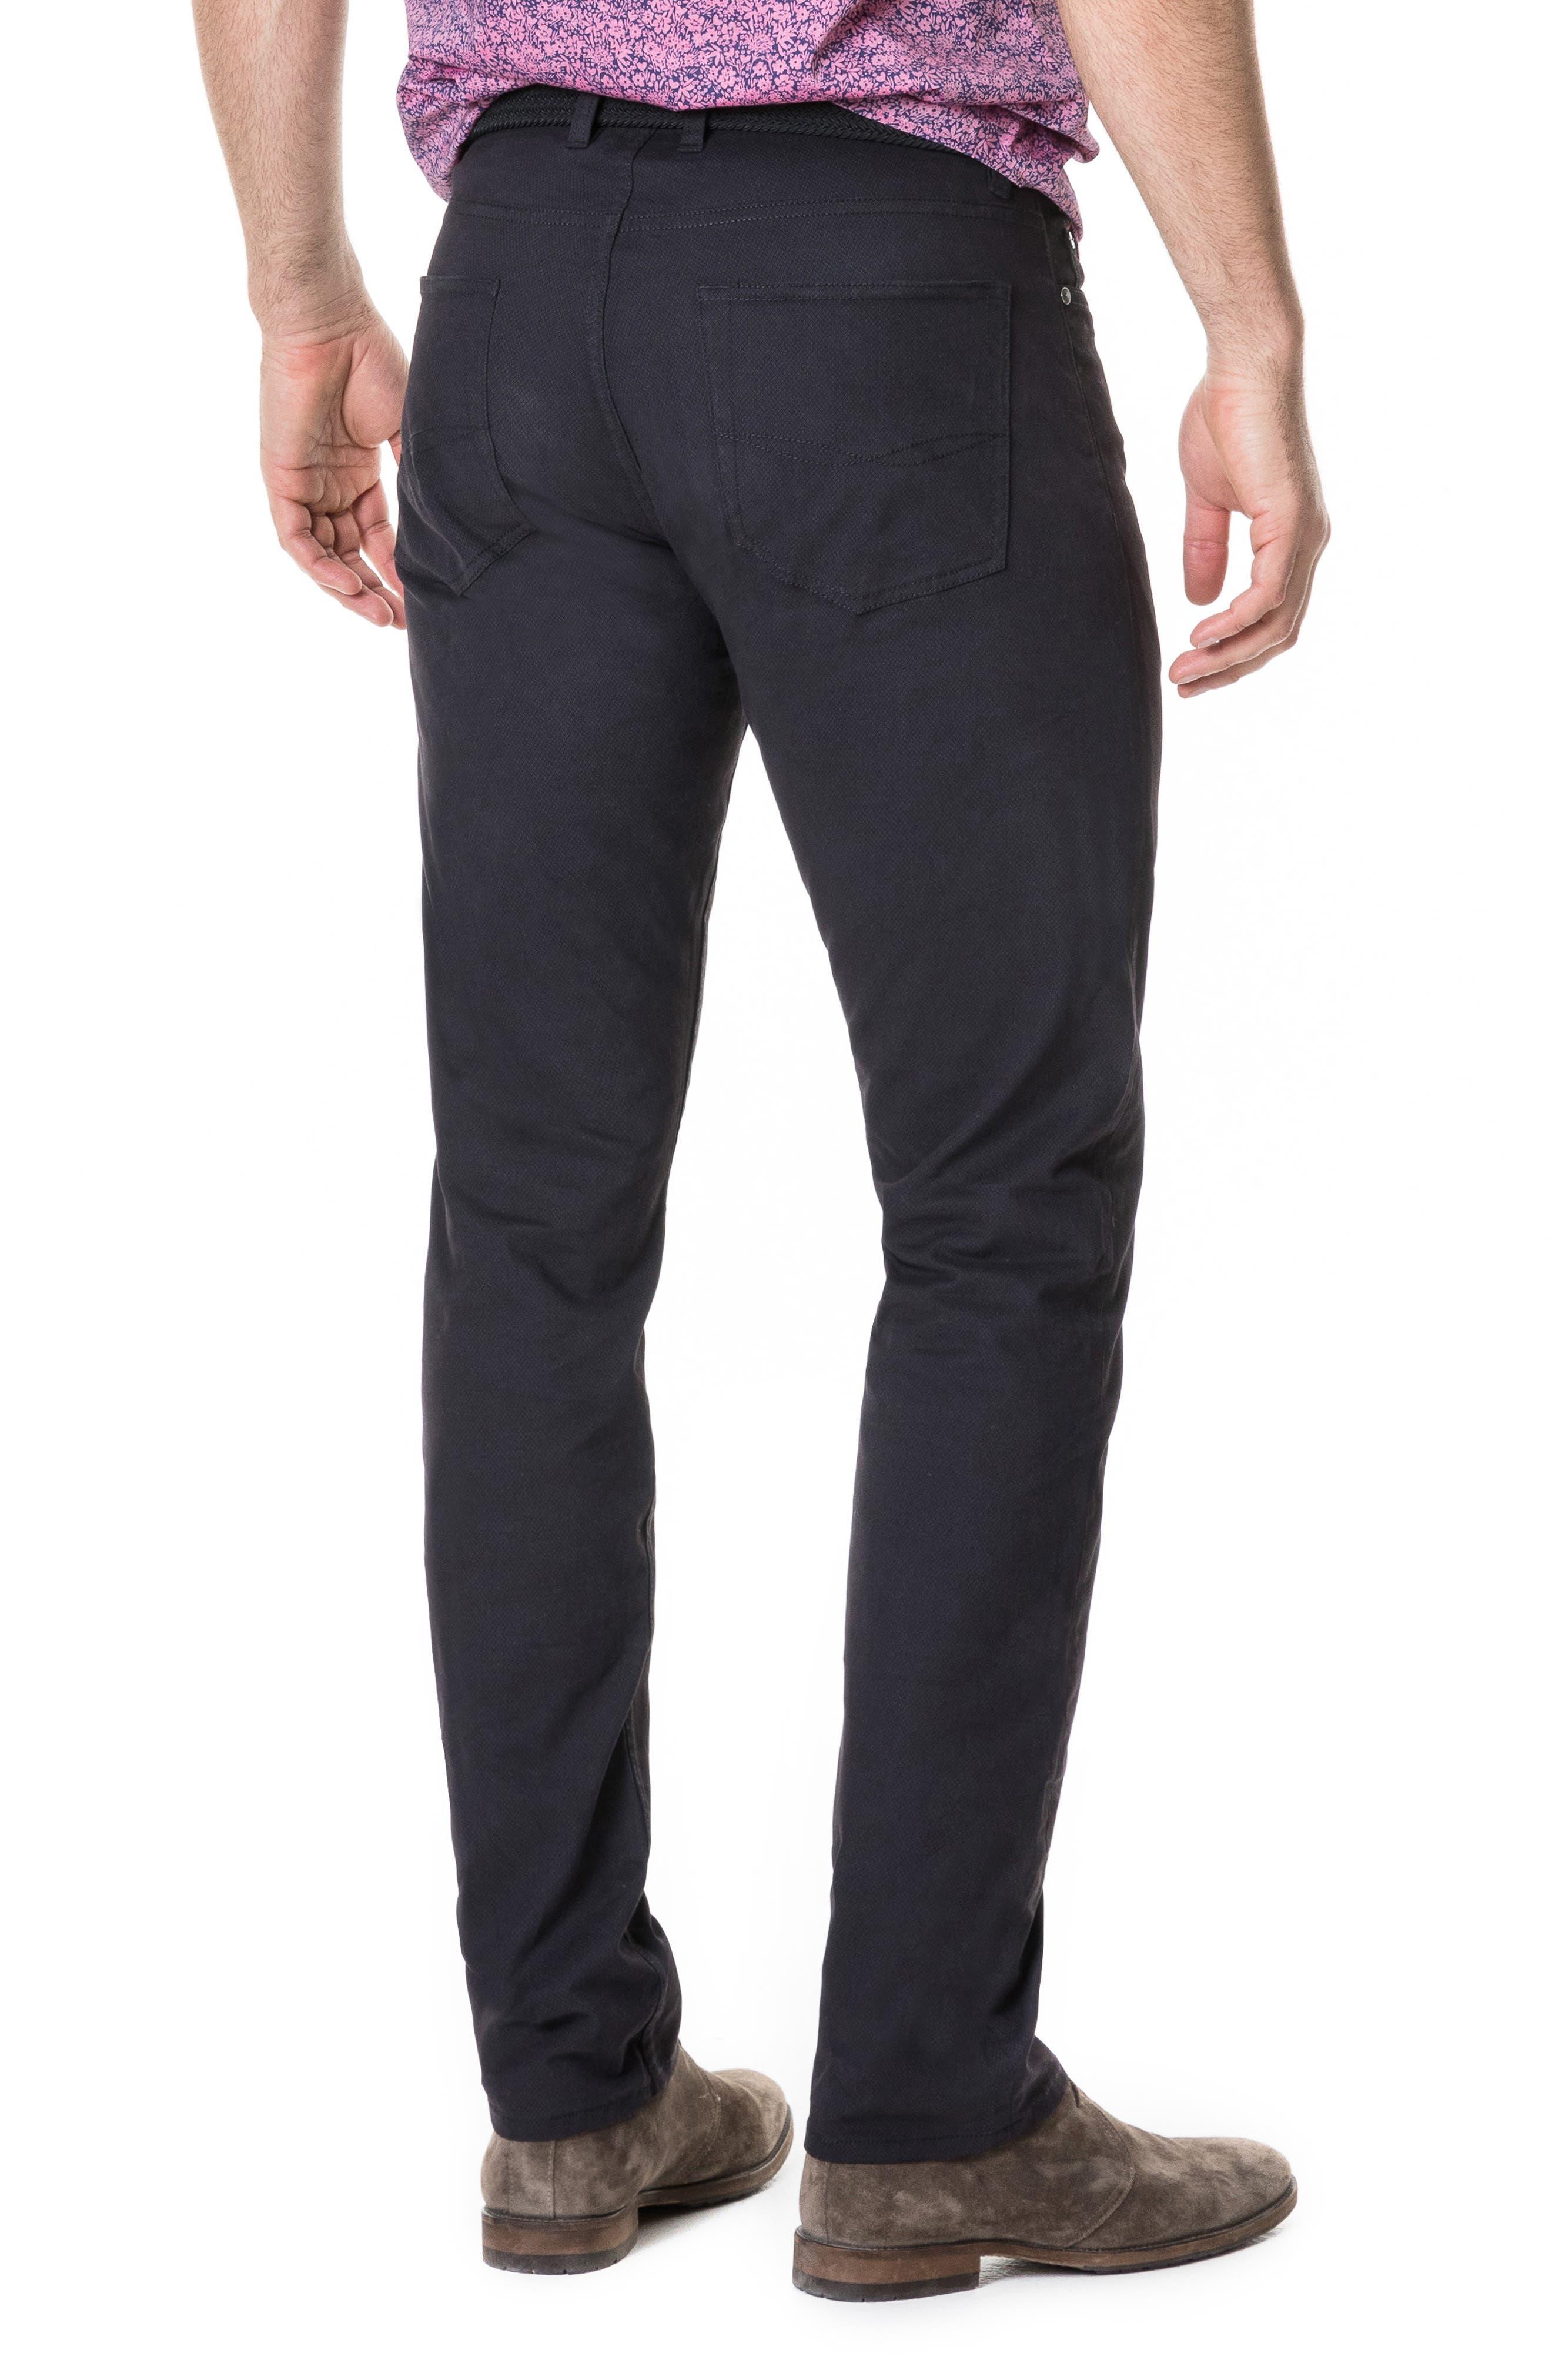 Whareflat Straight Leg Jeans,                             Alternate thumbnail 2, color,                             ASPHALT